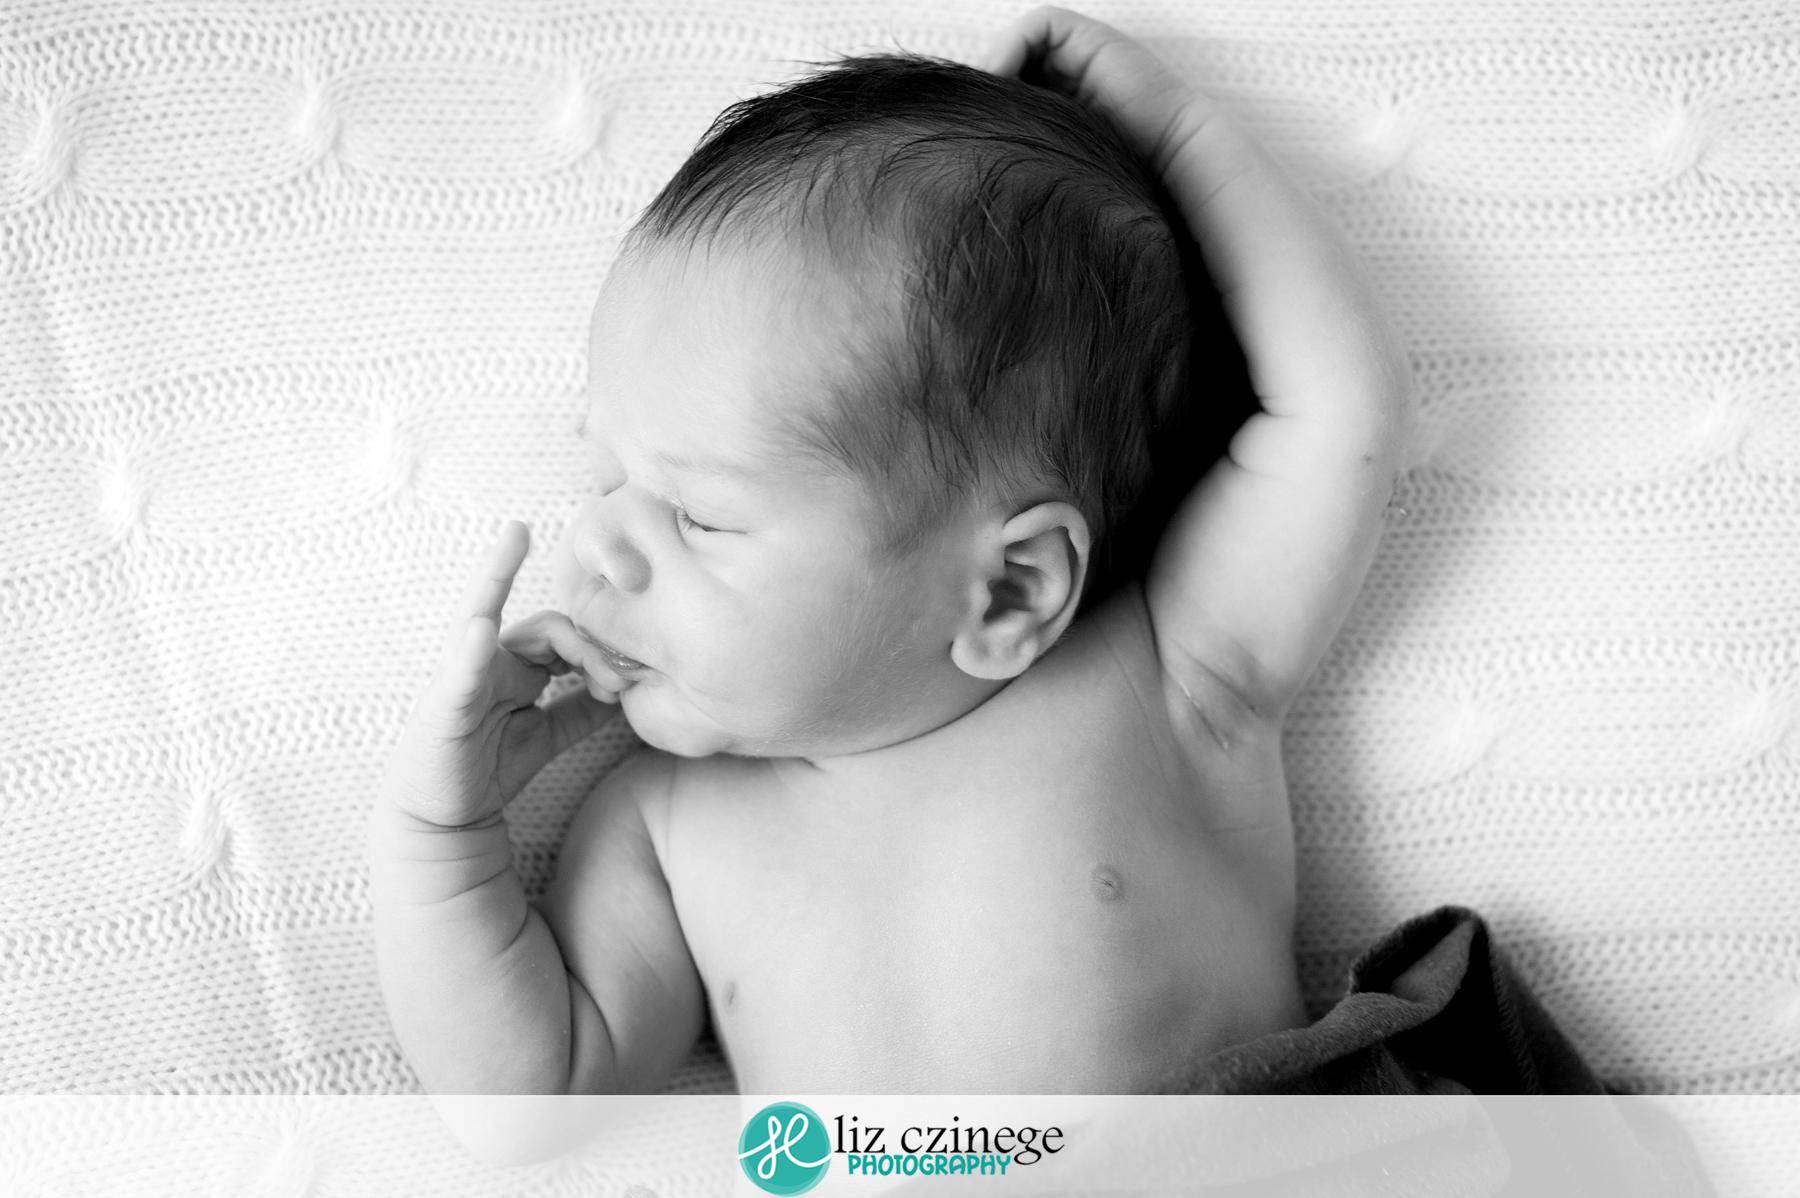 liz_czinege_niagara_grimsby_newborn_photographer03